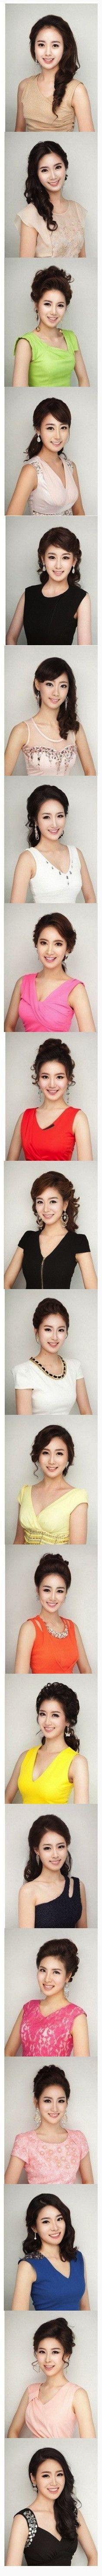 Koreas plastic surgery mayhem is finally converging on the same face. Here are the miss korea 2013 contestants. ///   /// Estas son todas las participantes de Miss Korea 2013... si, son diferentes personas, pero tal vez el mismo cirujano plastico.